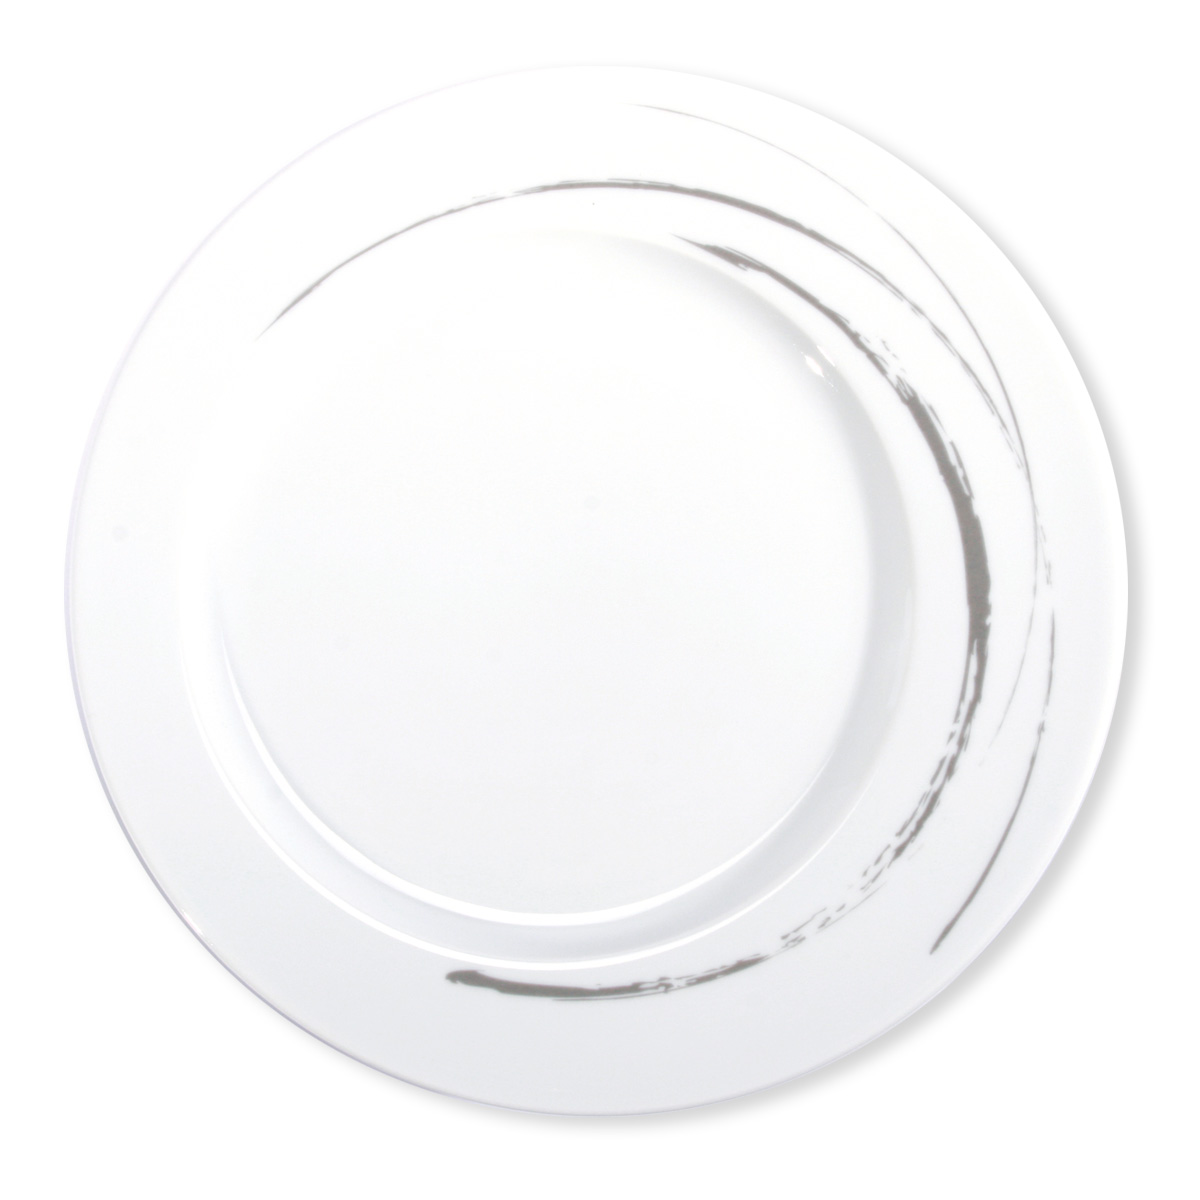 Assiette moderne en porcelaine blanche vaisselle design - Assiette originale moderne ...